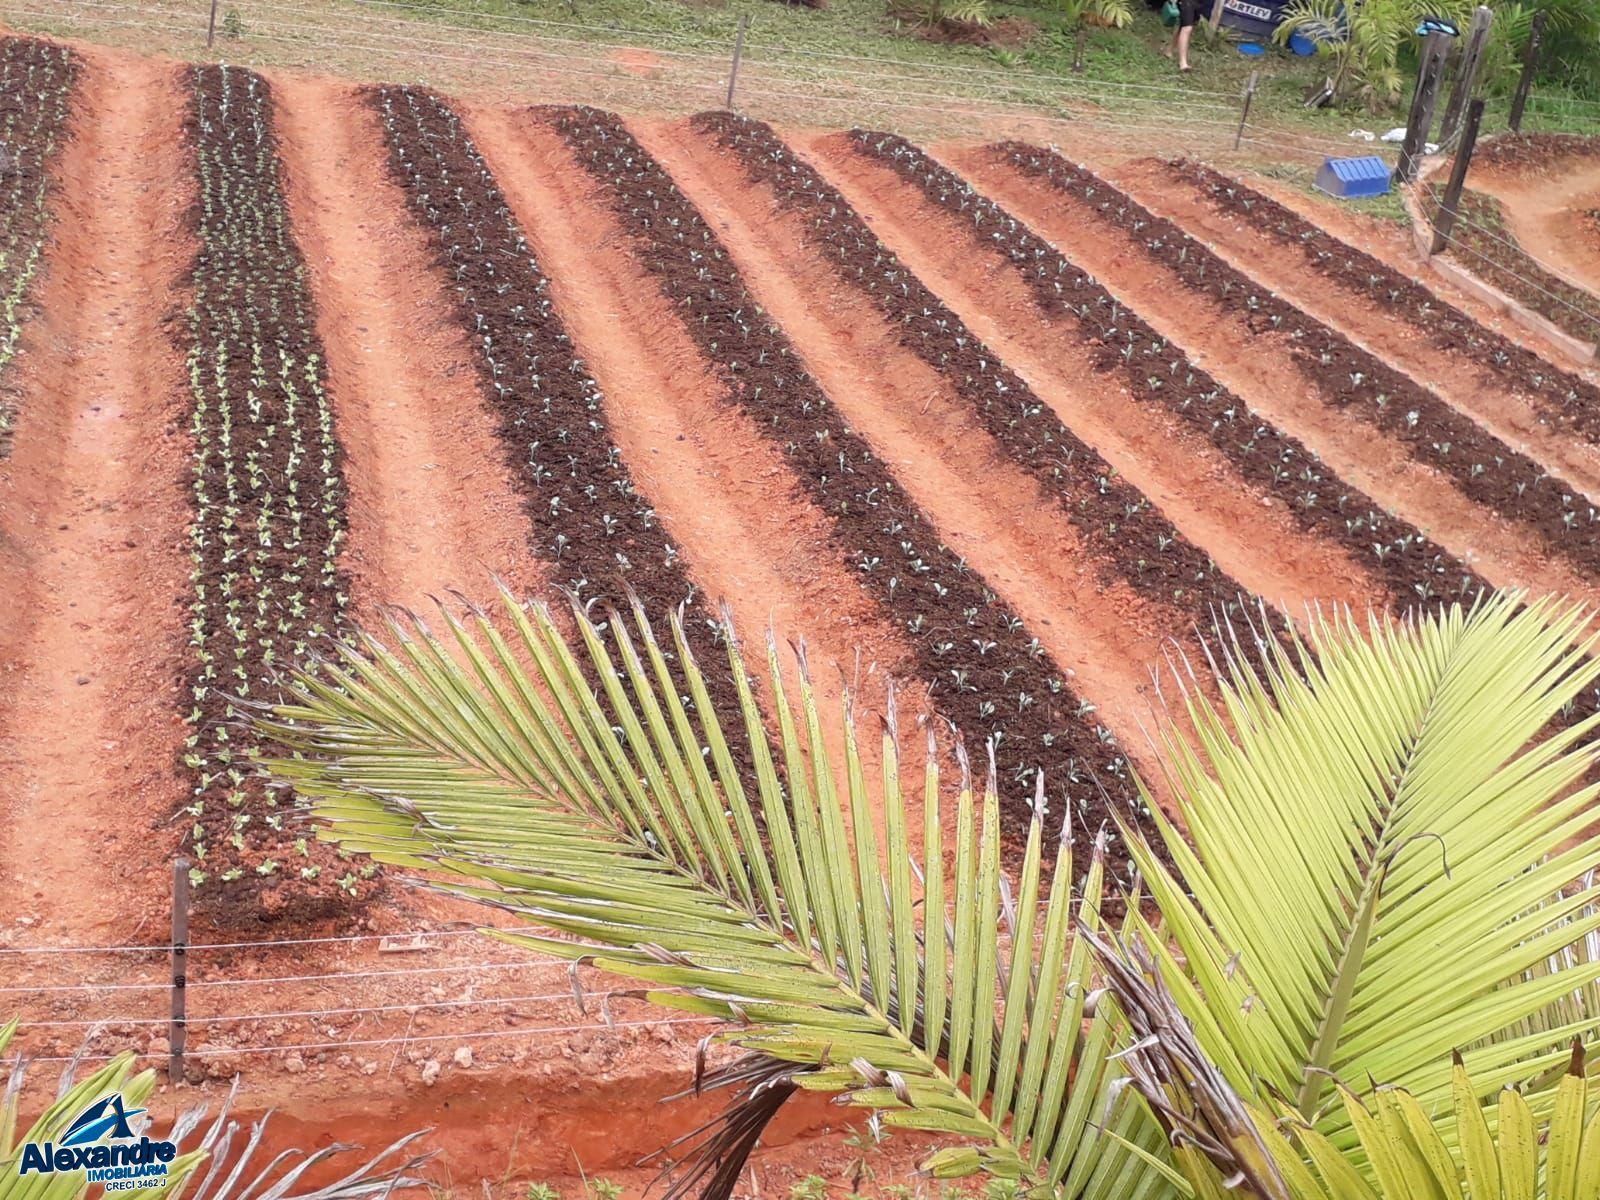 Fazenda/sítio/chácara/haras à venda  no Três Rios do Norte - Jaraguá do Sul, SC. Imóveis